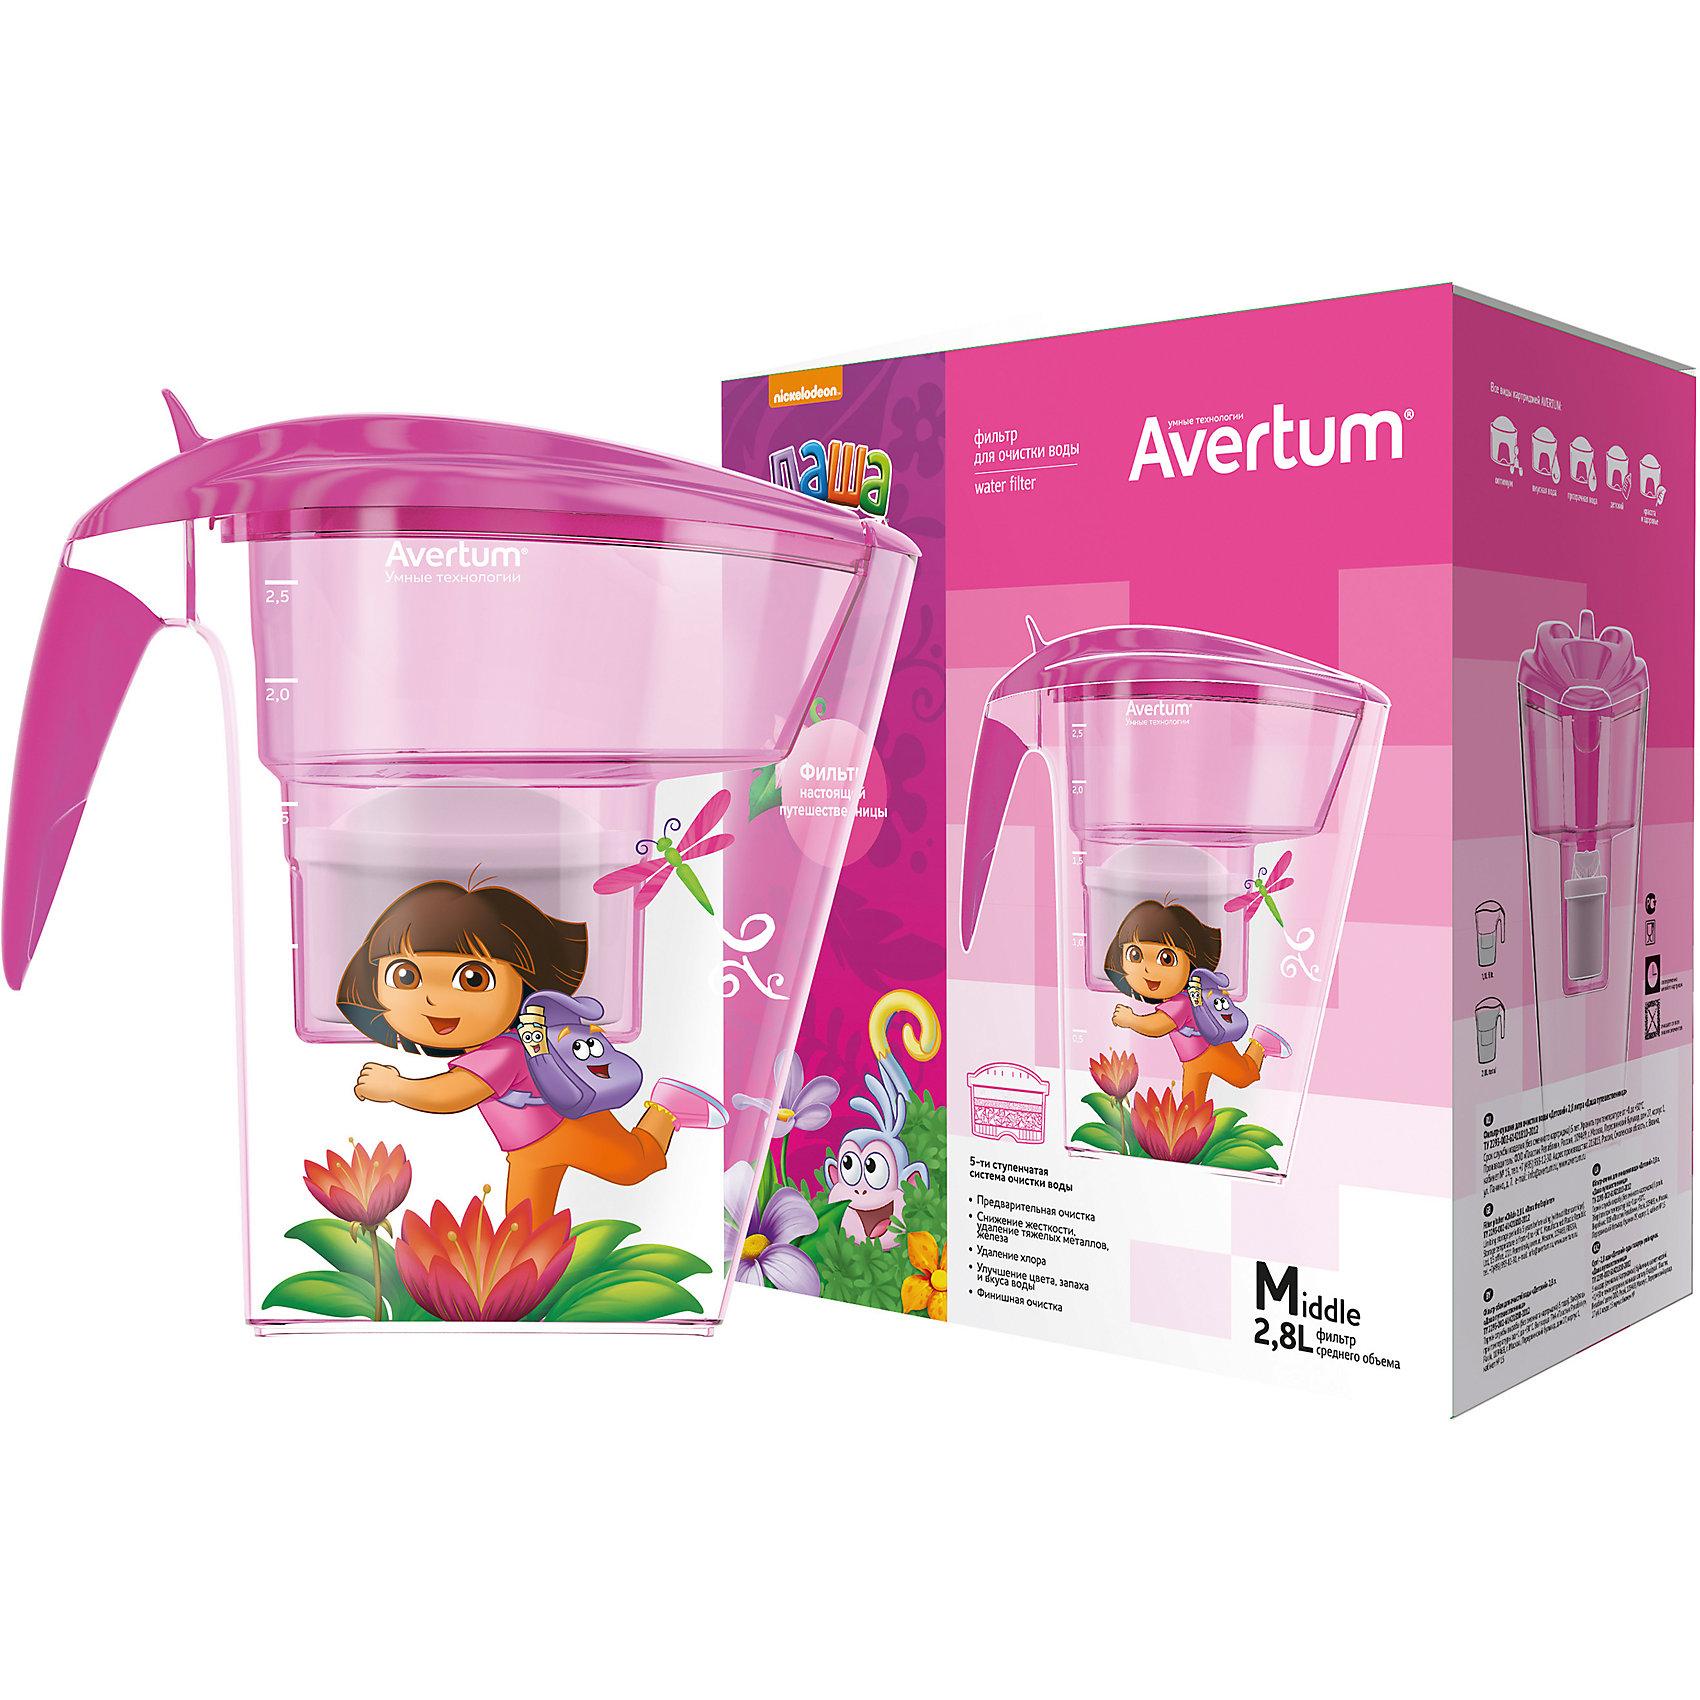 Фильтр-кувшин для очистки воды «Детский» 2,8 л. «Даша путешественница», Little Angel, розовыйПосуда<br>Фильтр-кувшин для очистки воды «Детский» 2,8 л. «Даша путешественница», Little Angel, розовый изготовлен отечественным производителем . Фильтр выполнен из высококачественного экологически безопасного пластика, который не содержит фенол. Данная серия детских фильтров состоит из кувшина, откидной крышки с клапаном и самого фильтра. Очищение воды проходит через 5-ти ступенчатую фильтрацию, которая позволяет не только очистить воду, но и обогатить ее полезными микроэлементами. Для удобства эксплуатации кувшин оснащен нескользящим дном, на крышке фильтра имеется электронный индикатор ресурса картриджа. Фильтр-кувшин имеет универсальную форму воронки, поэтому к нему подойдут картриджи, отвечающие требованиям европейского стандарта.<br>Фильтр-кувшин для очистки воды «Детский» 2,8 л. «Даша путешественница», Little Angel, розовый выполнен в ярком современном дизайне: на кувшине имеется сюжетная наклейка с путешествующей Дашей.<br>Фильтр-кувшин для очистки воды «Детский» 2,8 л. «Даша путешественница», Little Angel, розовый ? это удобство использования и гарантия чистой и полезной воды.<br><br>Дополнительная информация:<br><br>- Предназначение: для дома<br>- Цвет: розовый<br>- Пол: для девочки<br>- Материал: пластик<br>- Размер (Д*Ш*В): 25,5*15*27,3 см<br>- Объем: 2,8 л<br>- Вес: 854 г<br>- Периодичность смены картриджа: 1 раз в месяц<br>- Особенности ухода: разрешается мыть теплой водой<br><br>Подробнее:<br><br>• Для детей в возрасте: от 3 лет и до 14 лет<br>• Страна производитель: Россия<br>• Торговый бренд: Little Angel<br><br>Фильтр-кувшин для очистки воды «Детский» 2,8 л. «Даша путешественница», Little Angel, розовый можно купить в нашем интернет-магазине.<br><br>Ширина мм: 255<br>Глубина мм: 150<br>Высота мм: 273<br>Вес г: 854<br>Возраст от месяцев: 36<br>Возраст до месяцев: 168<br>Пол: Женский<br>Возраст: Детский<br>SKU: 4881753